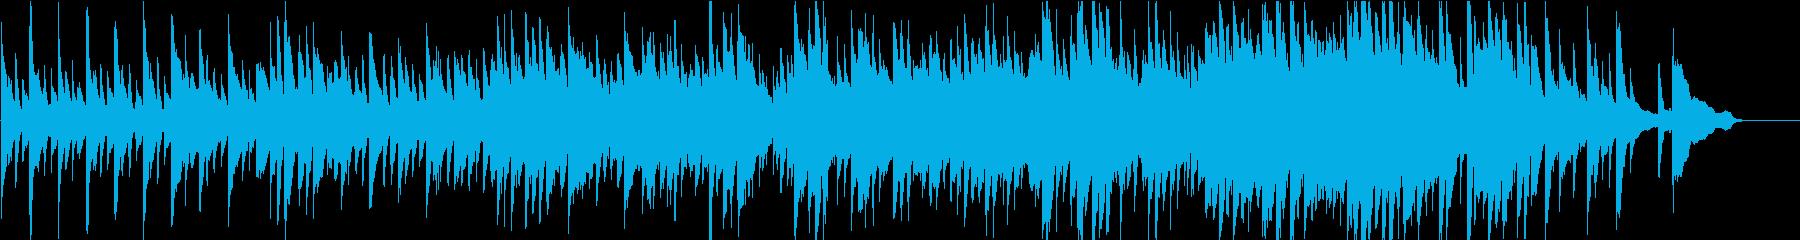 和の旋律を用いたピアノ楽曲 祝い事等にの再生済みの波形